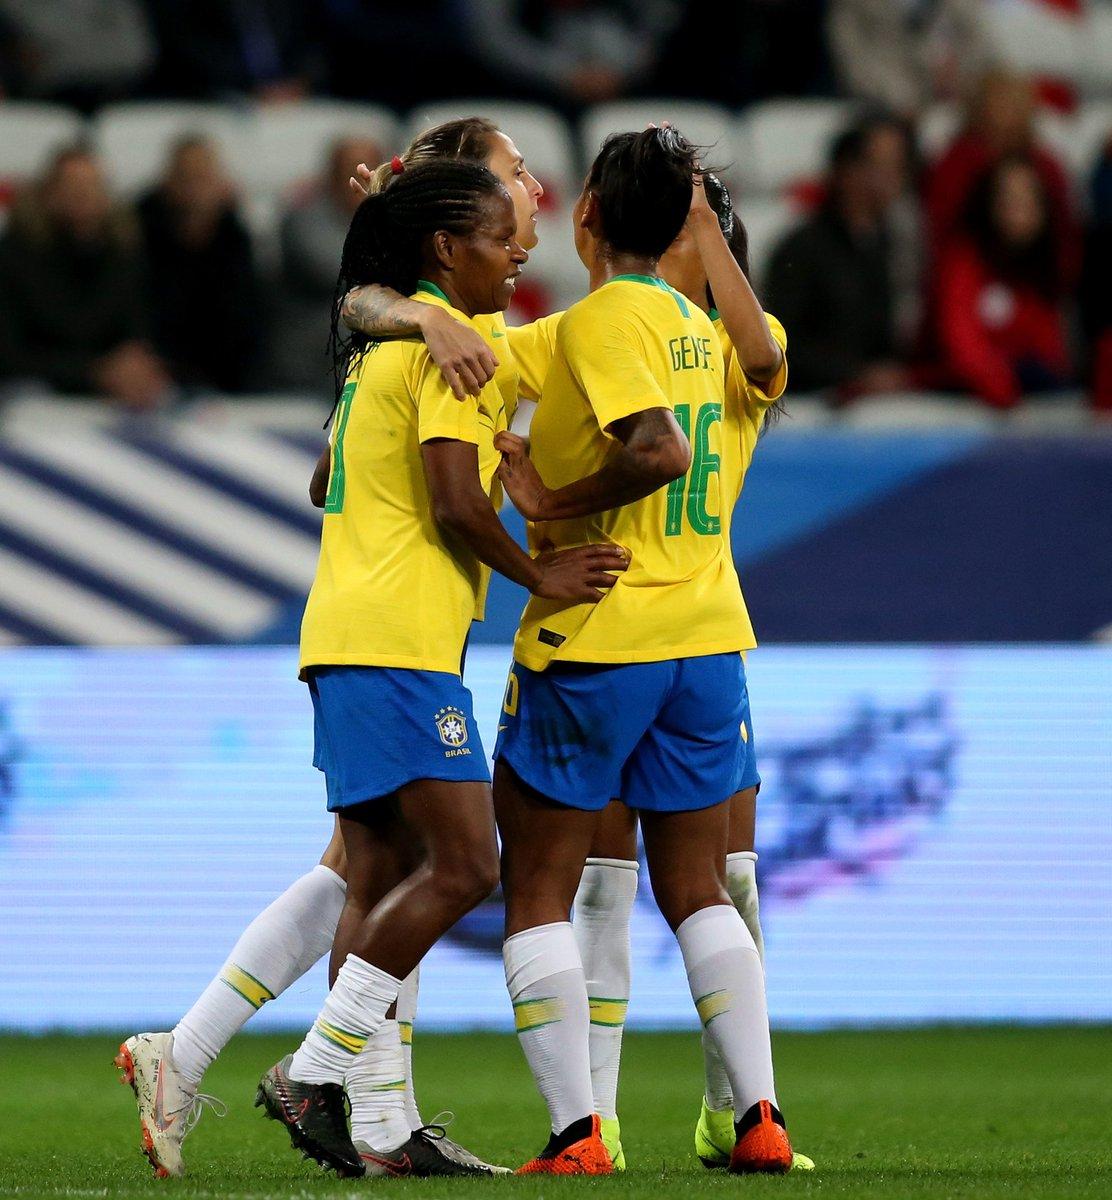 Amanhã tem sorteio dos grupos da Copa do Mundo Feminina, que será disputada em junho de 2019! Dia de conhecer as adversárias da #SeleçãoFeminina na competição.  Fique ligado aqui para saber tudo sobre o evento! #GigantesPorNatureza